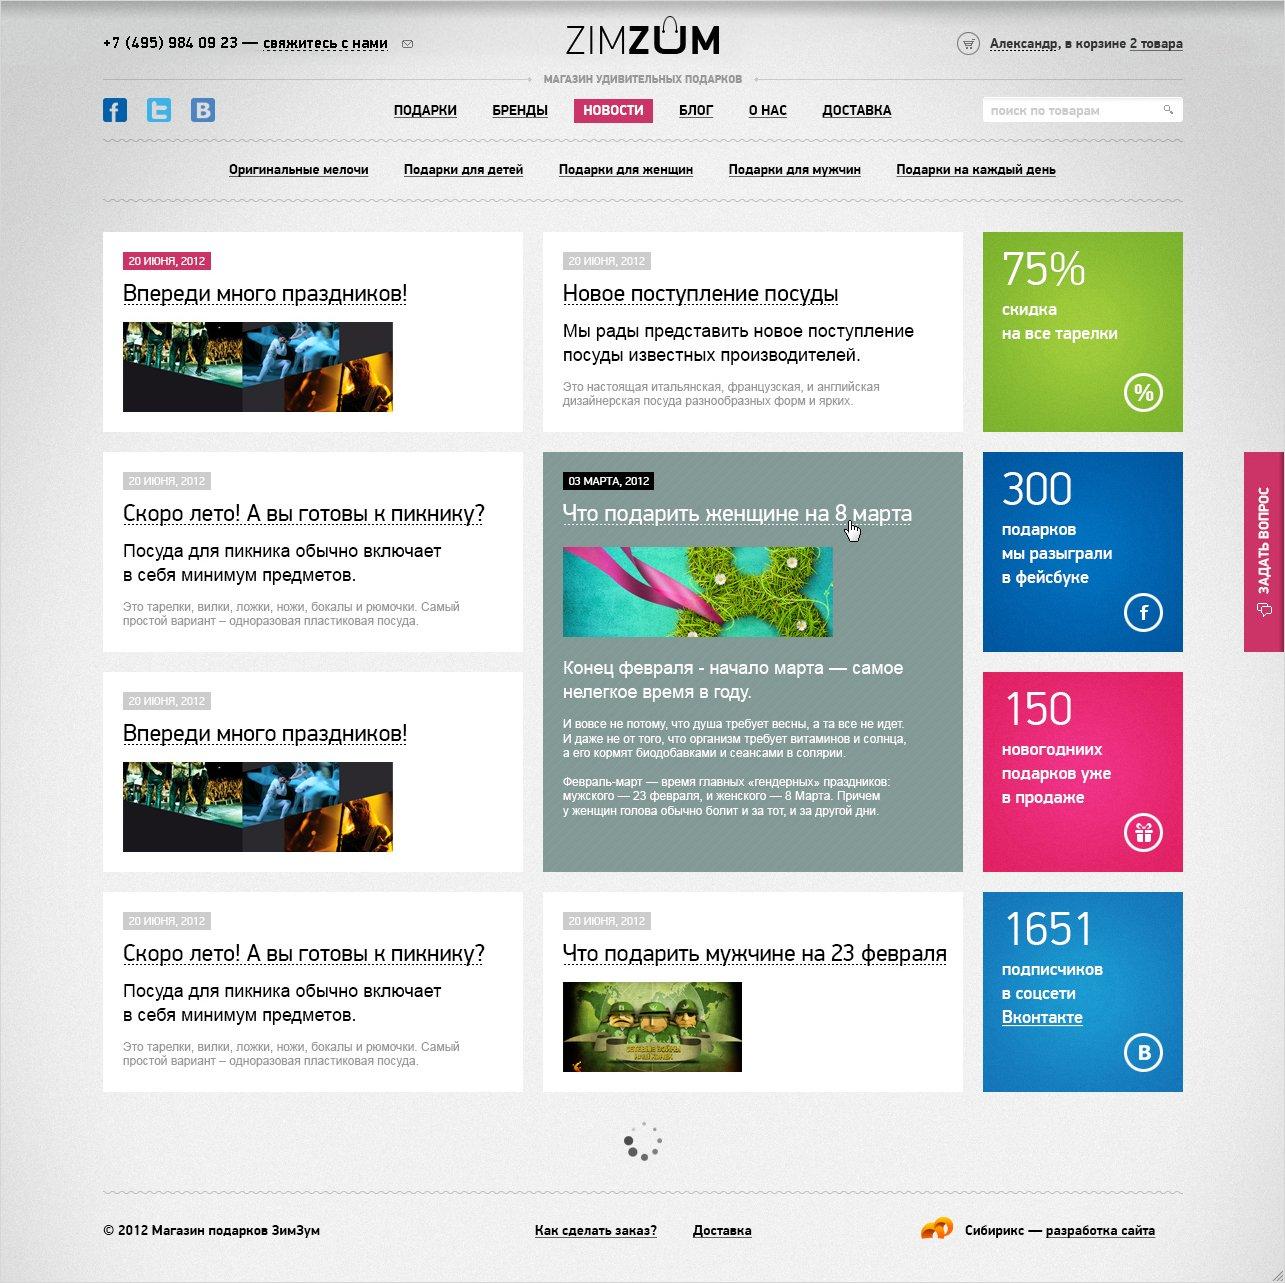 <p><b>Интернет-магазин ZimZum нетолько решает проблему подарков, онеще итактично напоминает, что «дотакого-то праздника осталось 7дней», мол, незабудьте</b></p>